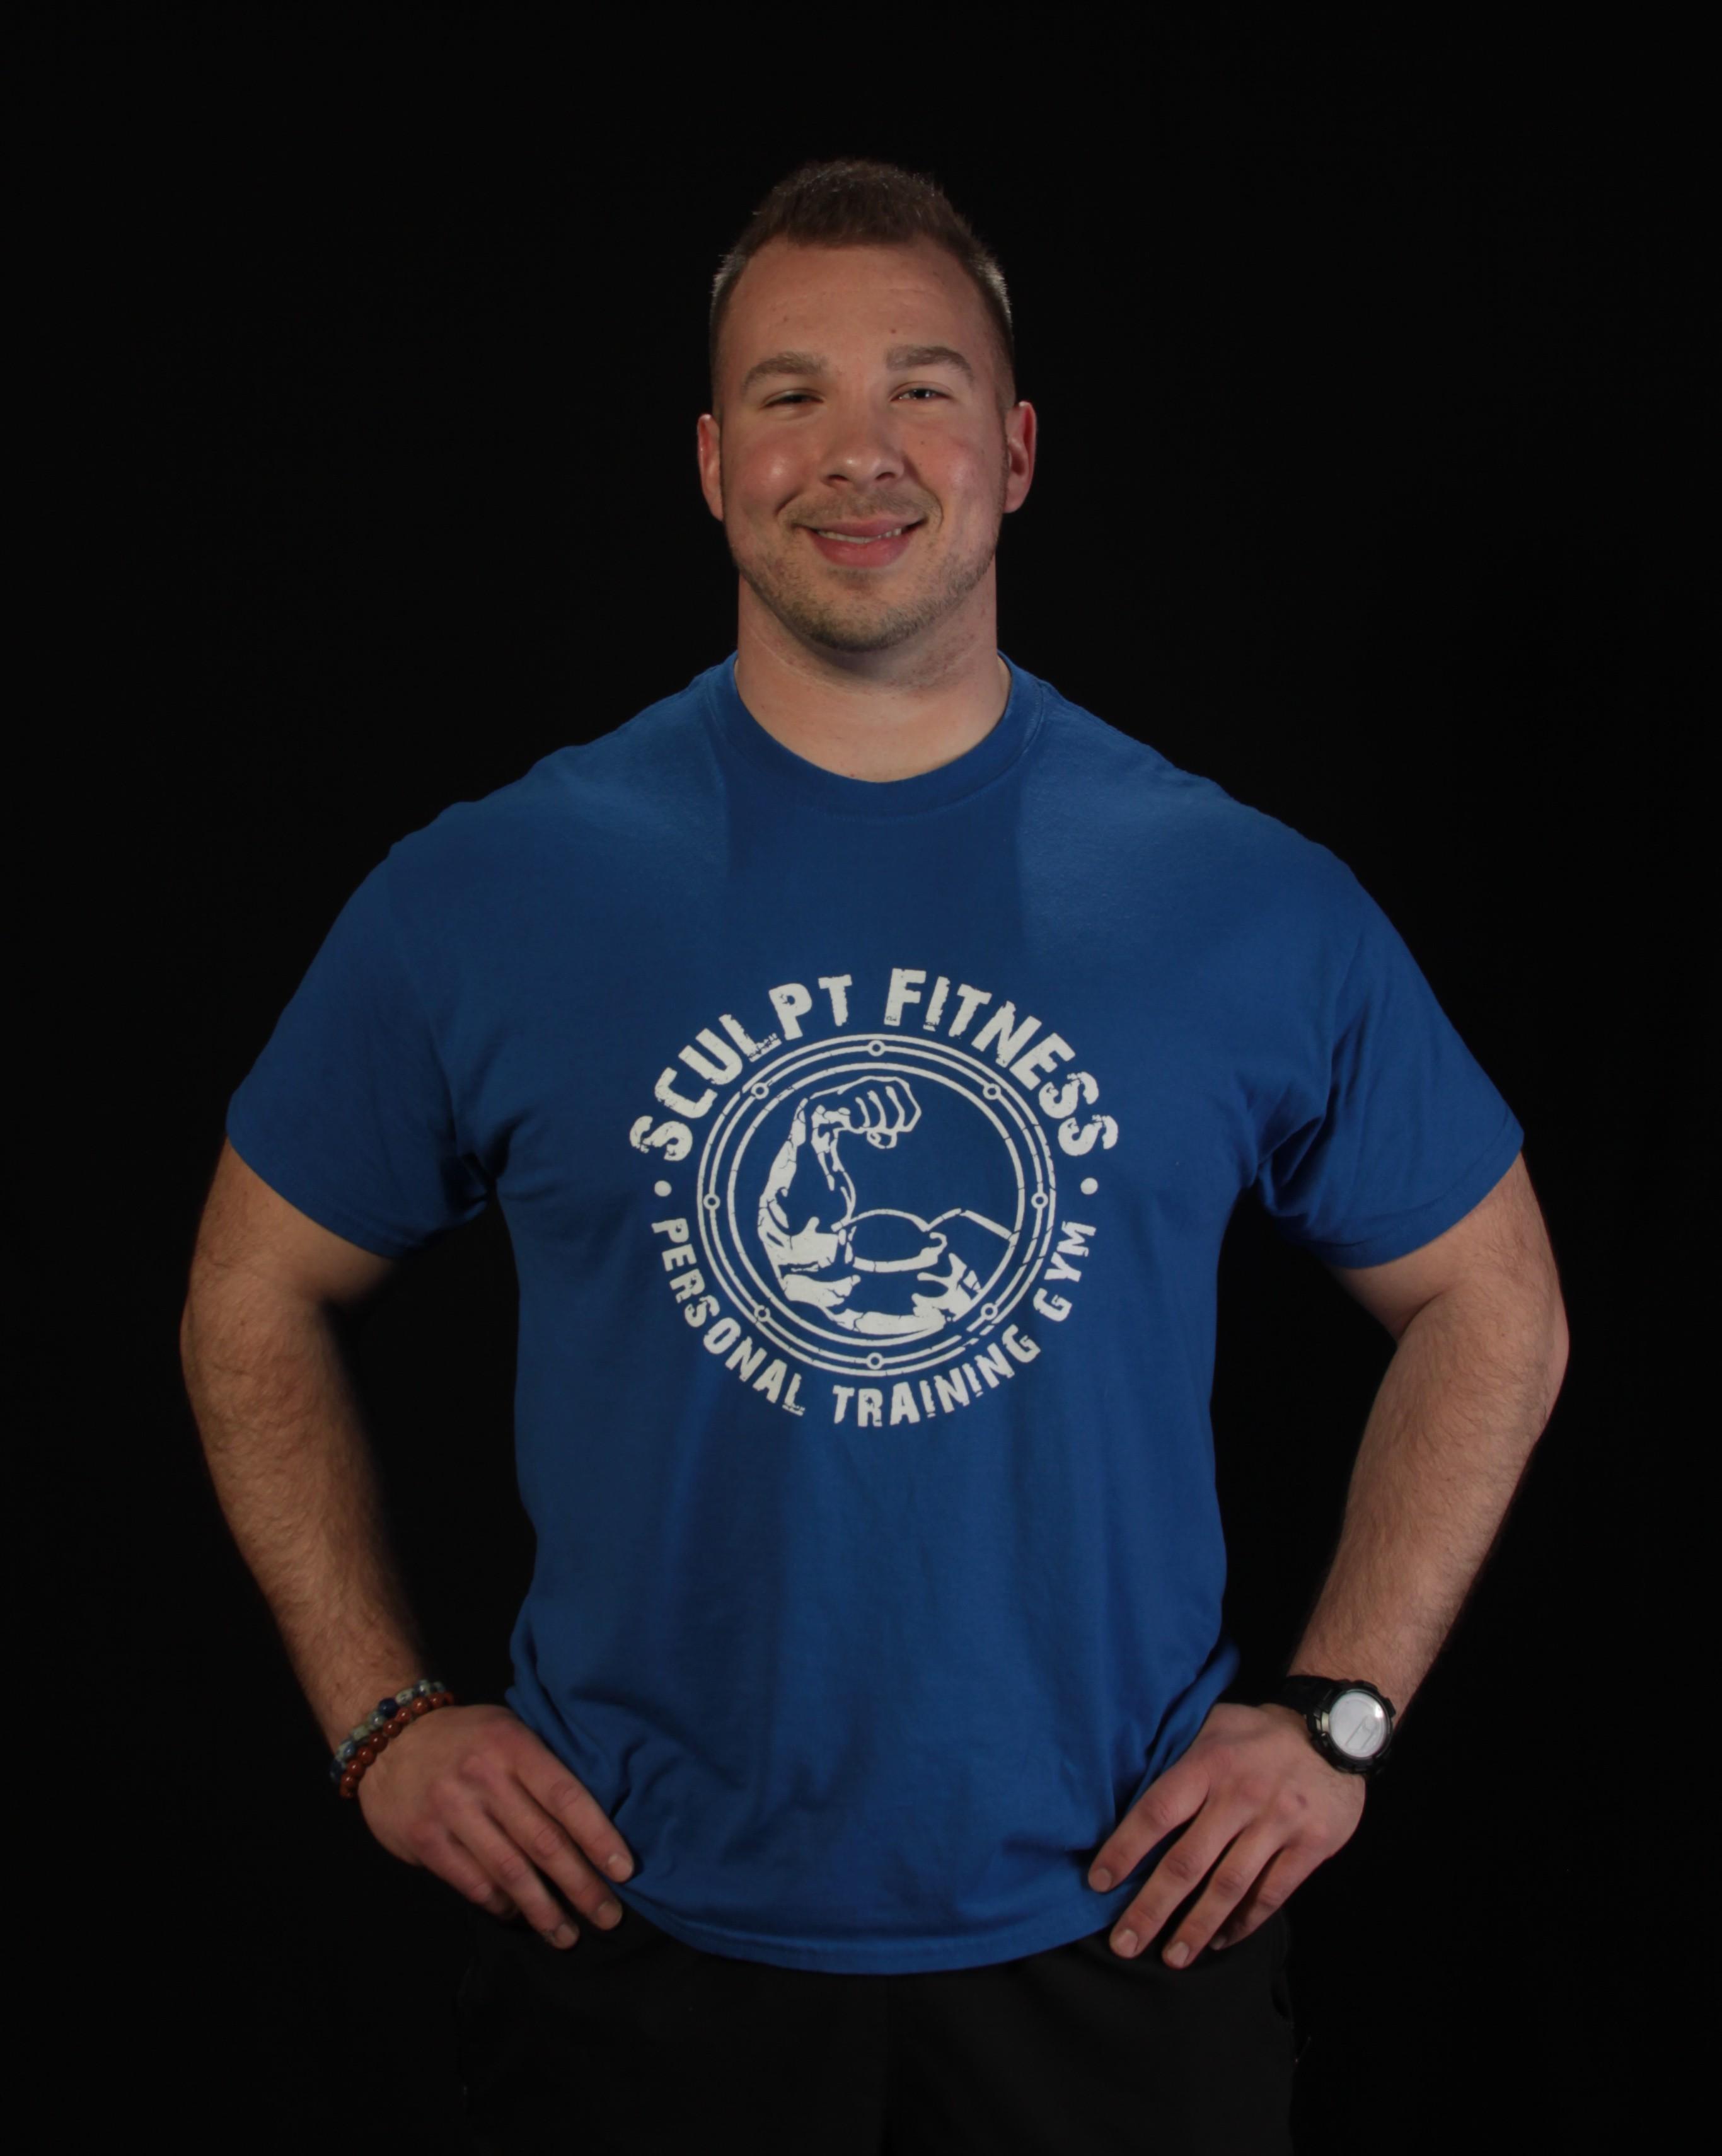 Chad Maleski Sculpt Fitness Personal Trainer